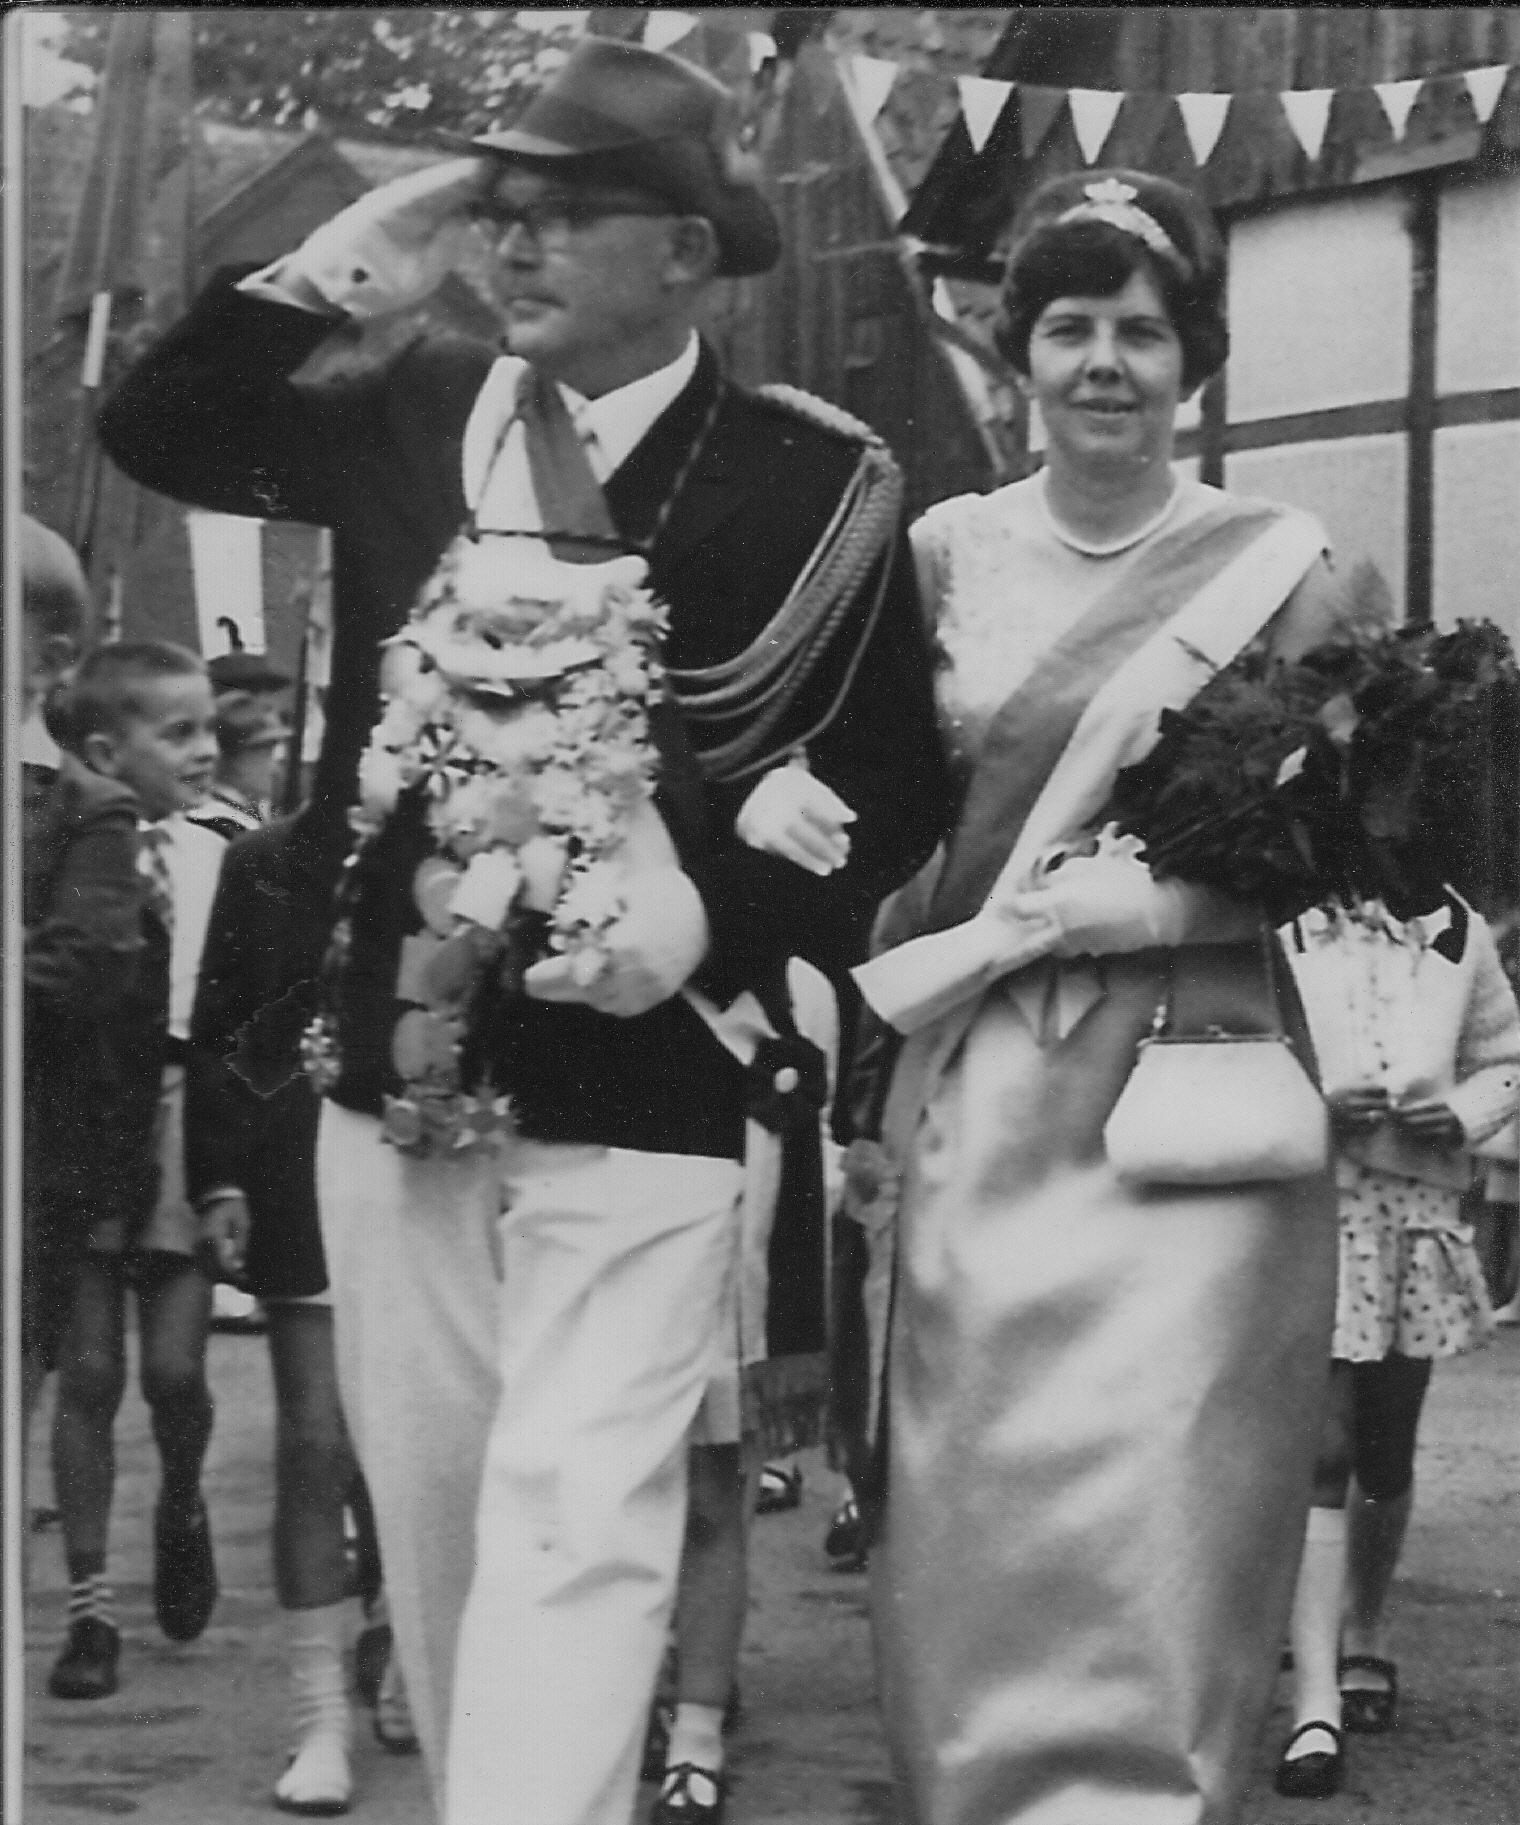 1966 Hubert Muckhoff+ & Elli Brinker